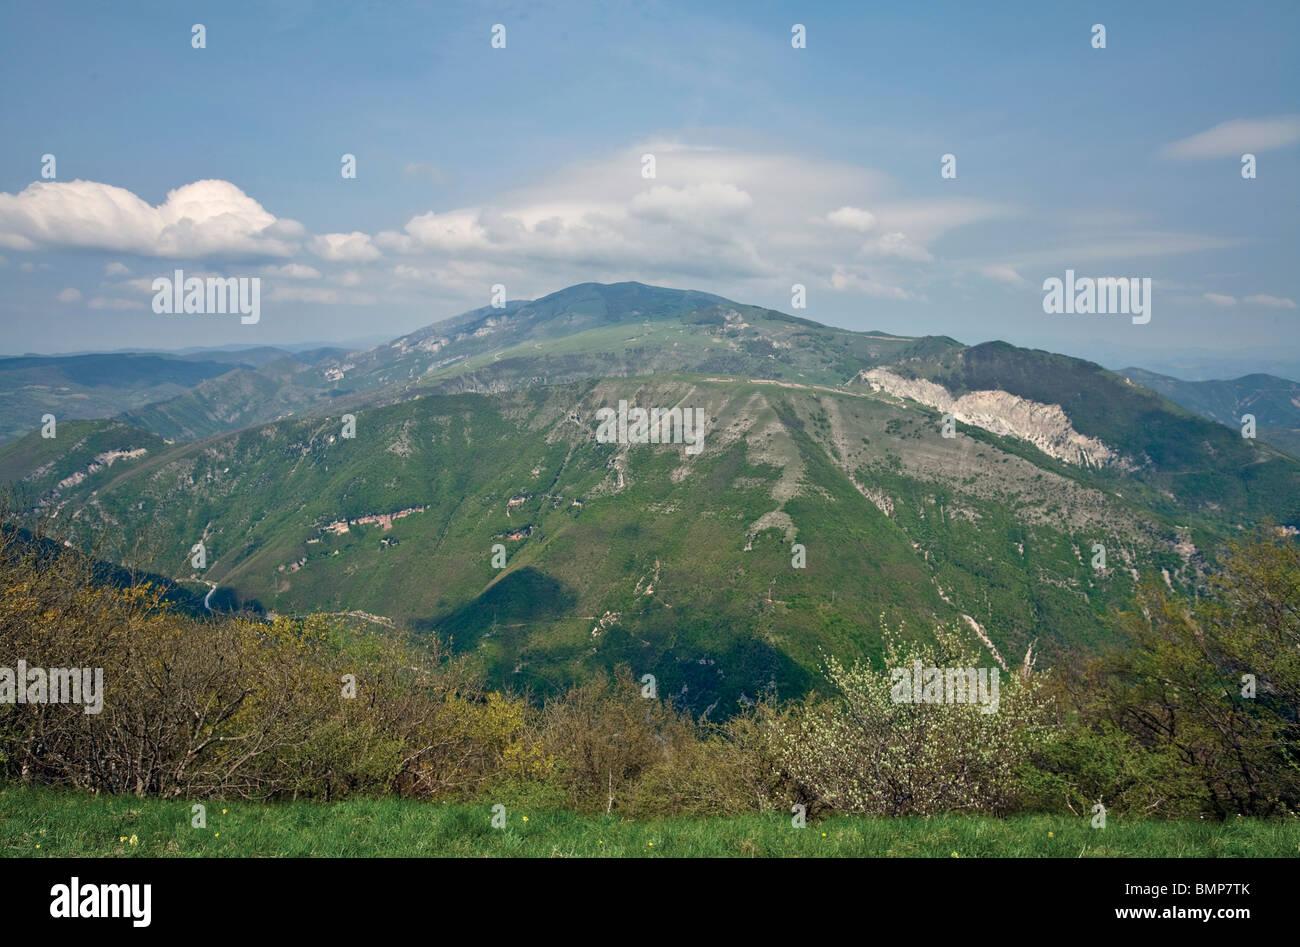 Monte Nerone avec son pli anticlinal vue depuis le Monte Petrano, dans l'Apennin Central près de Calgi, Photo Stock